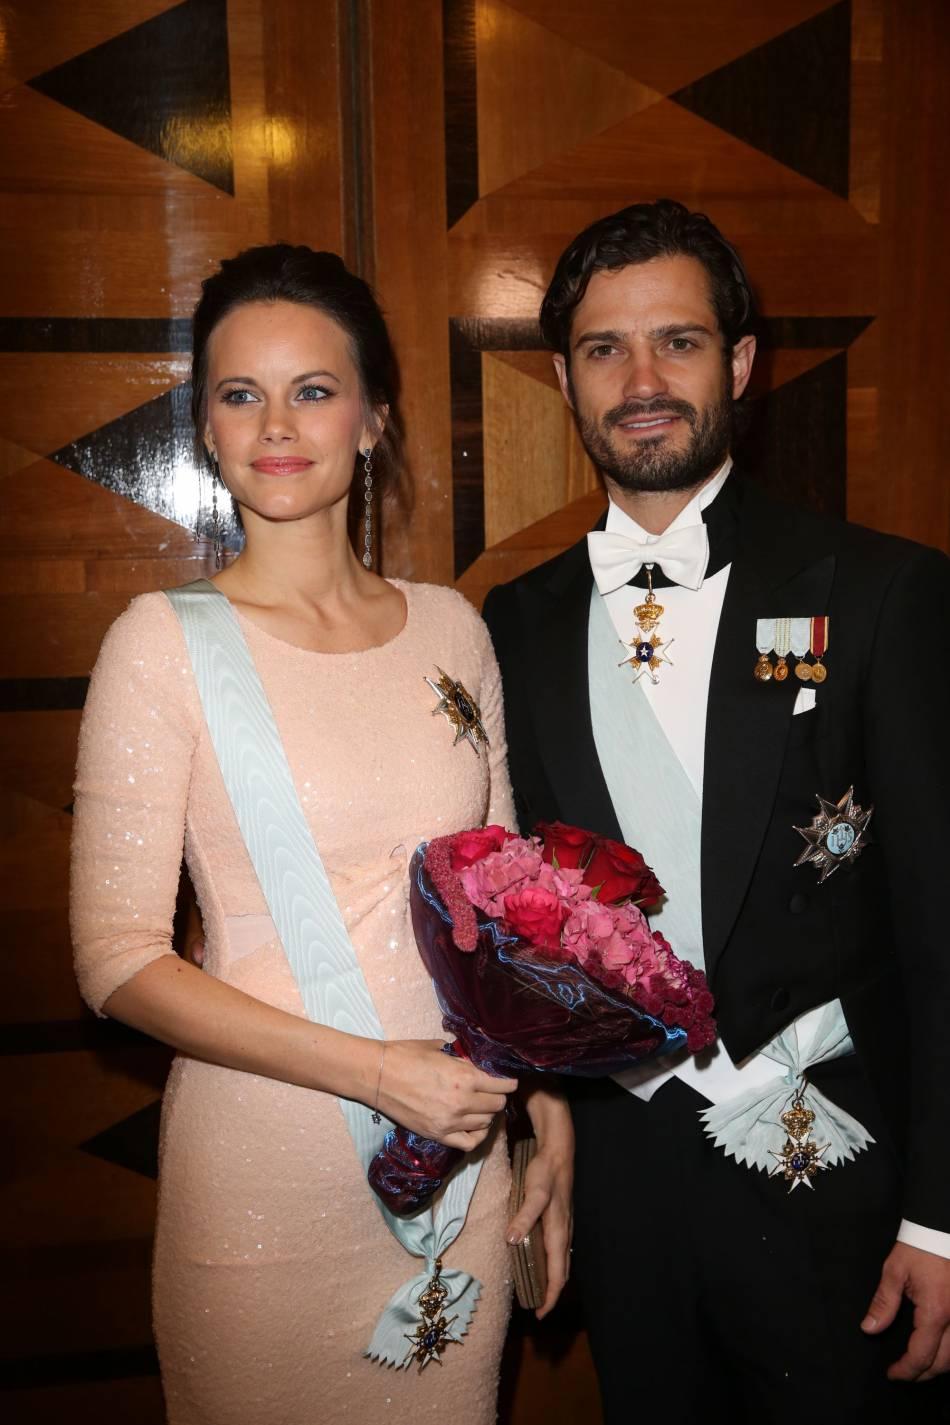 Sofia de Suède et le prince Carl Philip sont prêts à accueillir leur premier enfant.